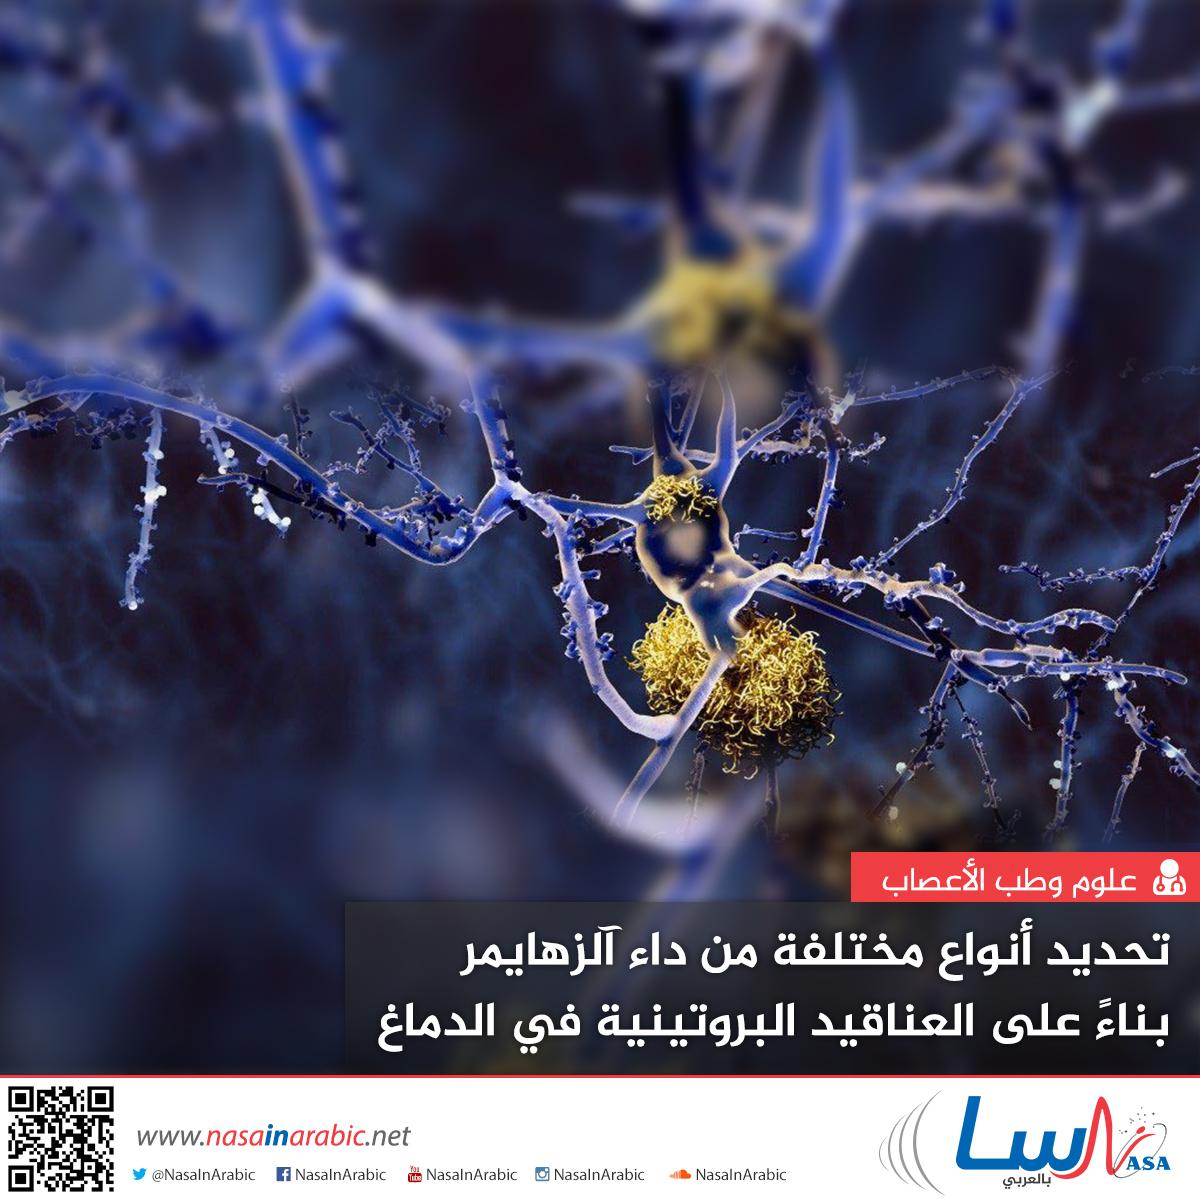 تحديد أنواع مختلفة من داء آلزهايمر بناءً على العناقيد البروتينية في الدماغ